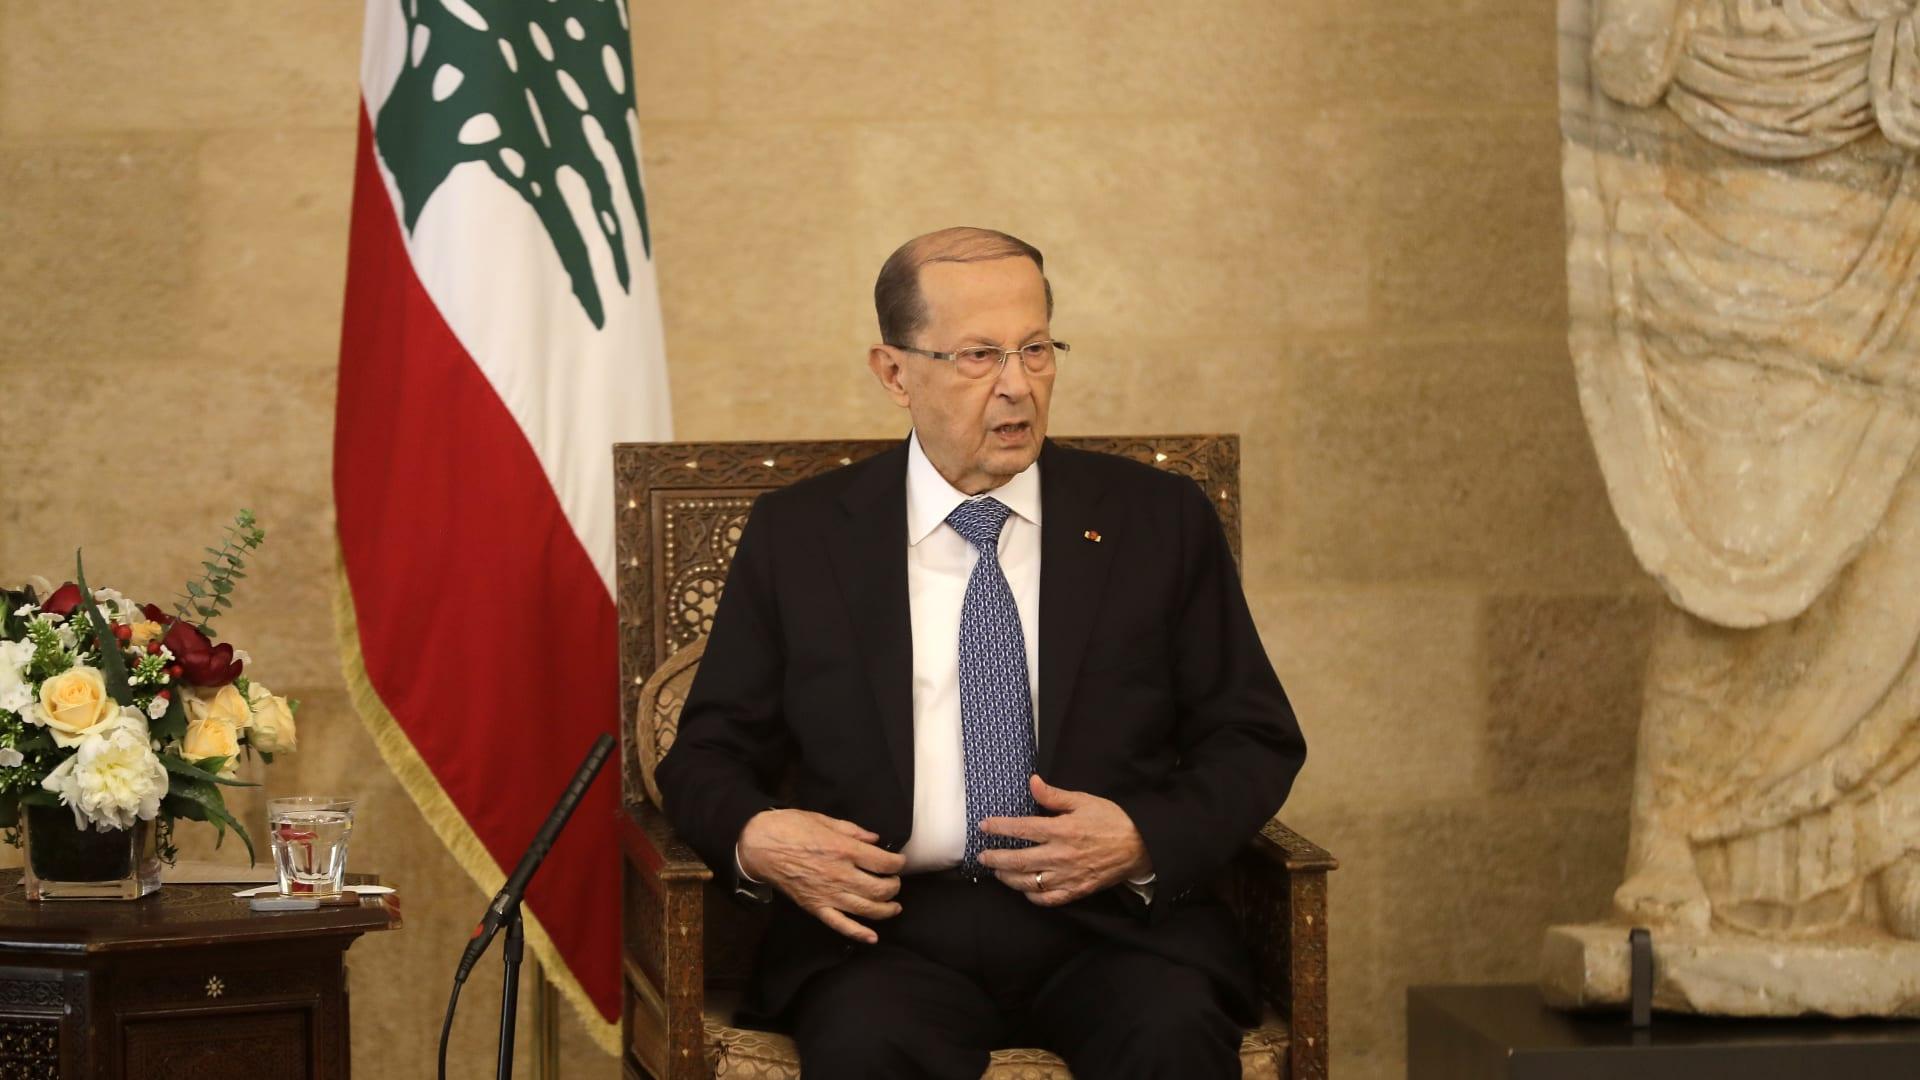 """ناشط لبناني يوضح لـCNN ماذا يعني """"إسقاط النظام"""" بلبنان"""